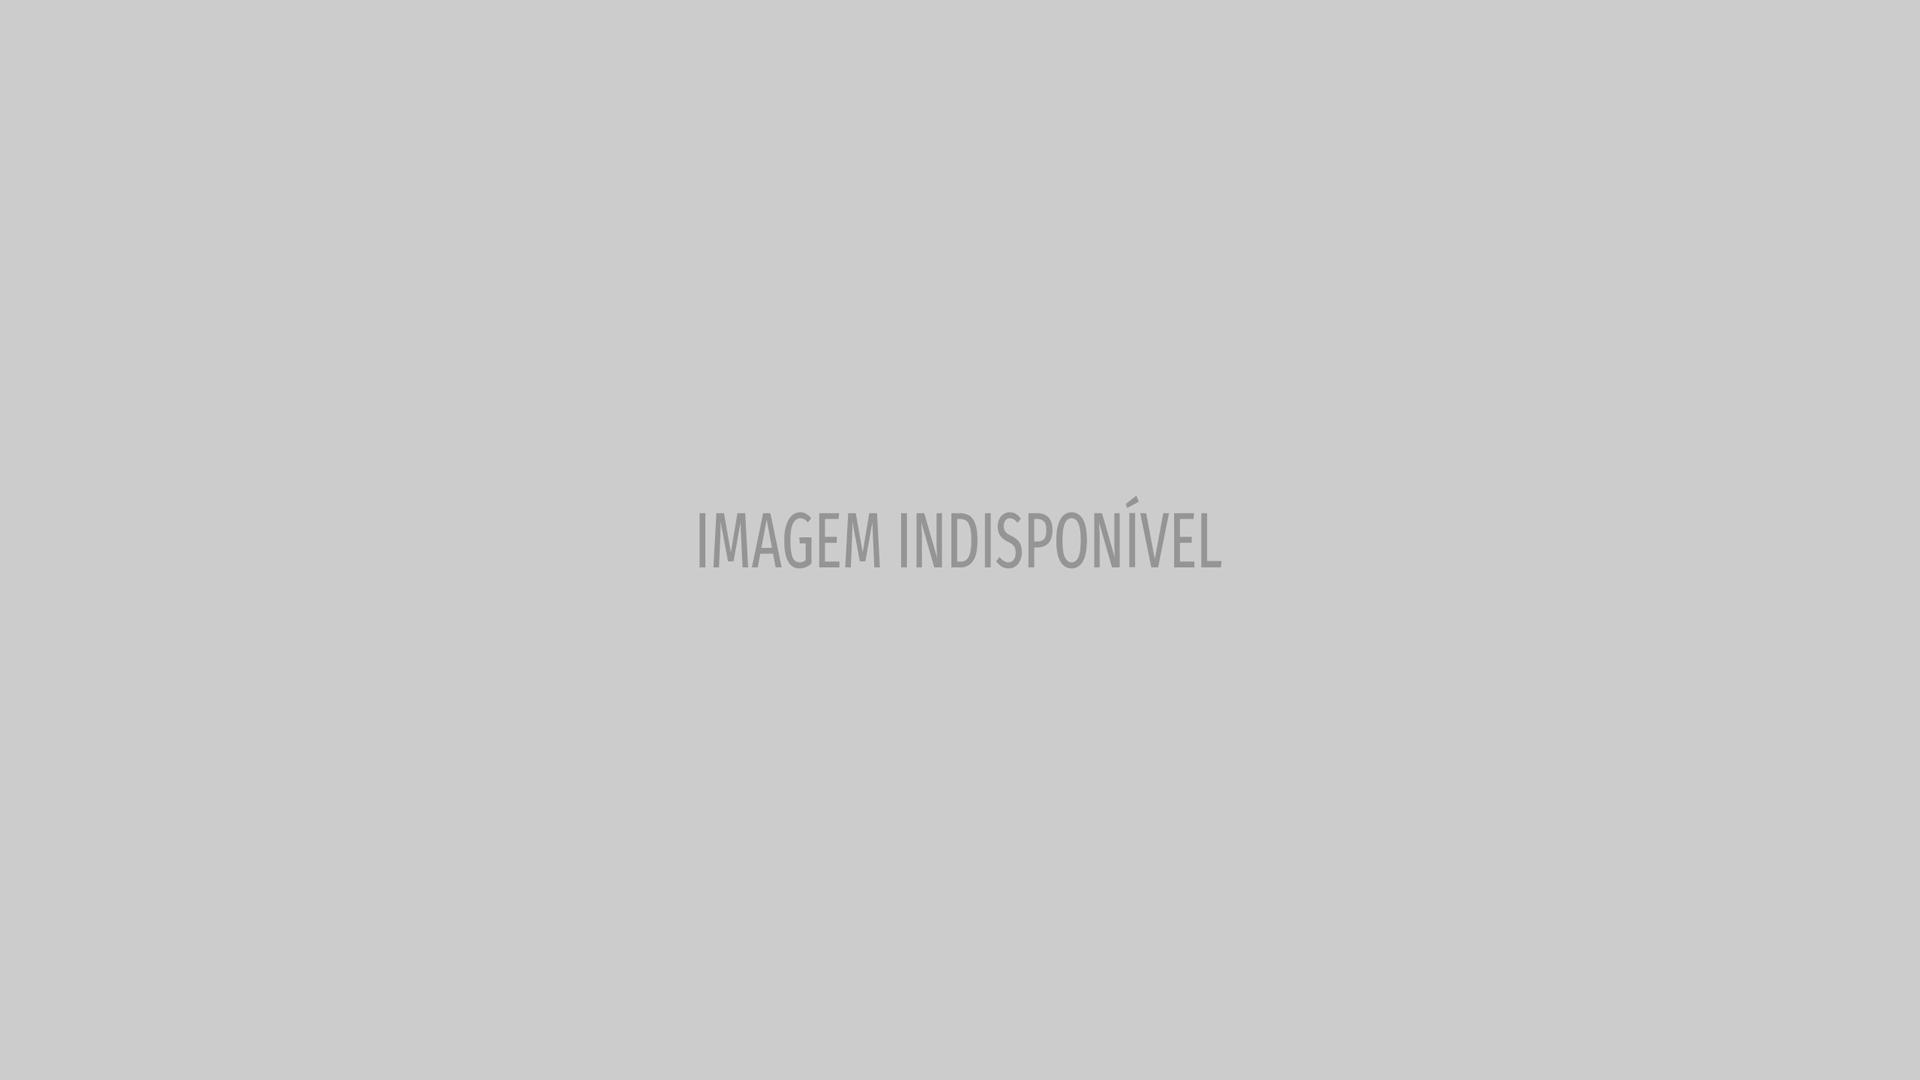 Antonia Fontenelle diz não se arrepender de criticar Otaviano Costa